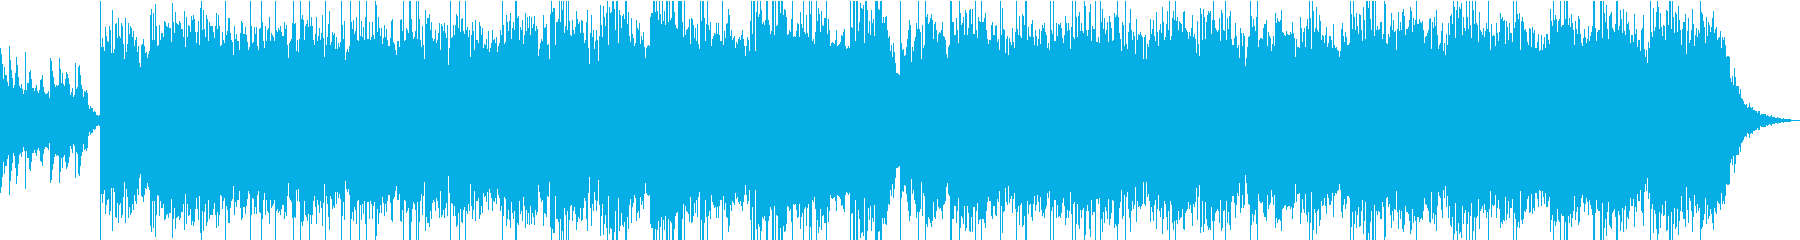 幻想的な雰囲気のアンビエントの再生済みの波形